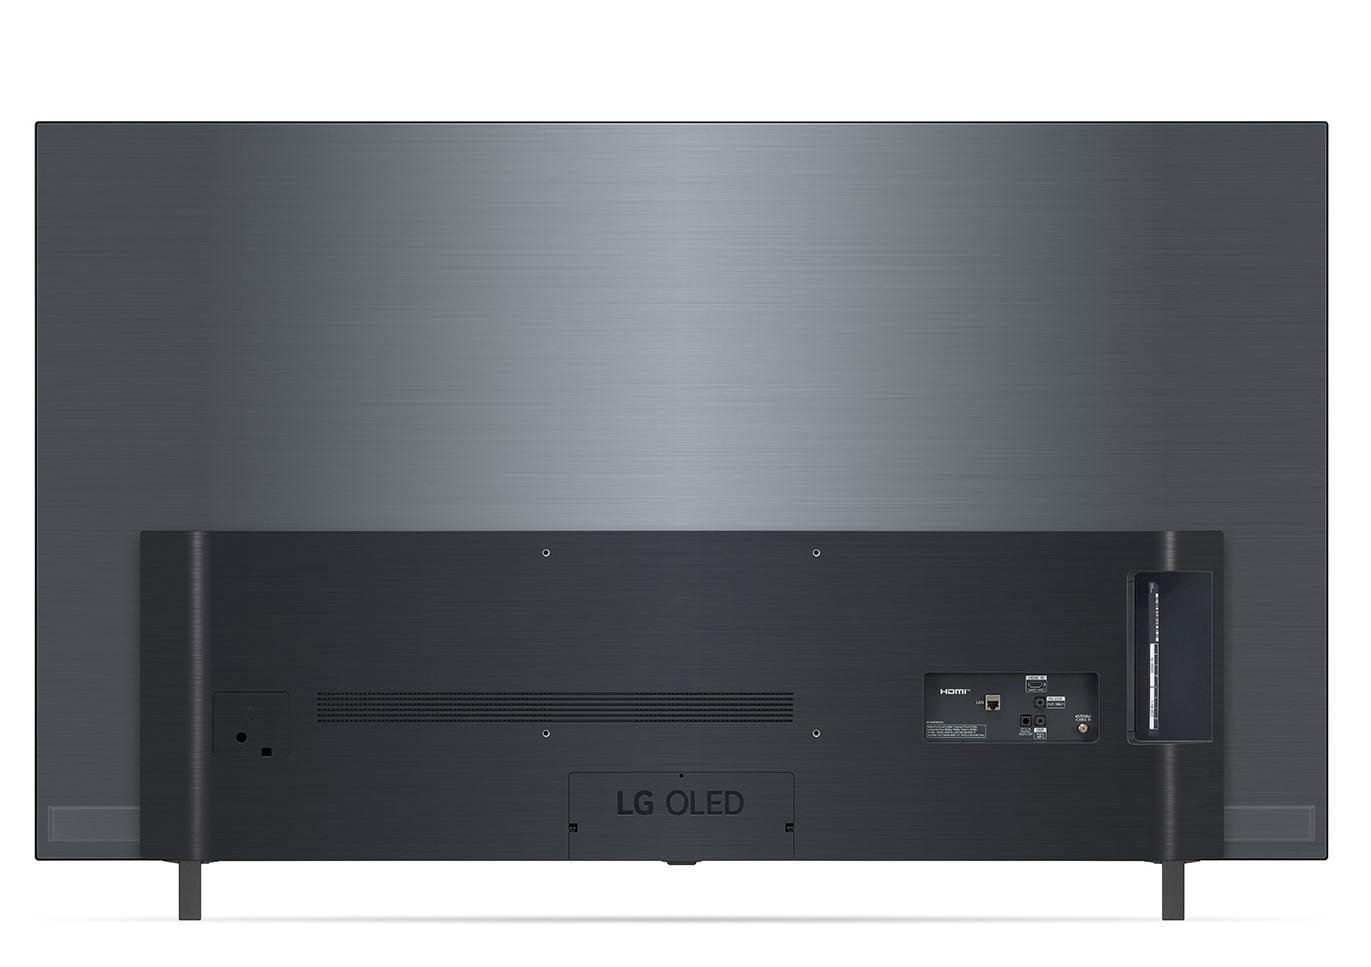 טלוויזיה 55 אינץ' דגם OLED 55A16LA/PVA  בטכנולוגיית LG OLED 4K Ultra HD אל ג'י - תמונה 7